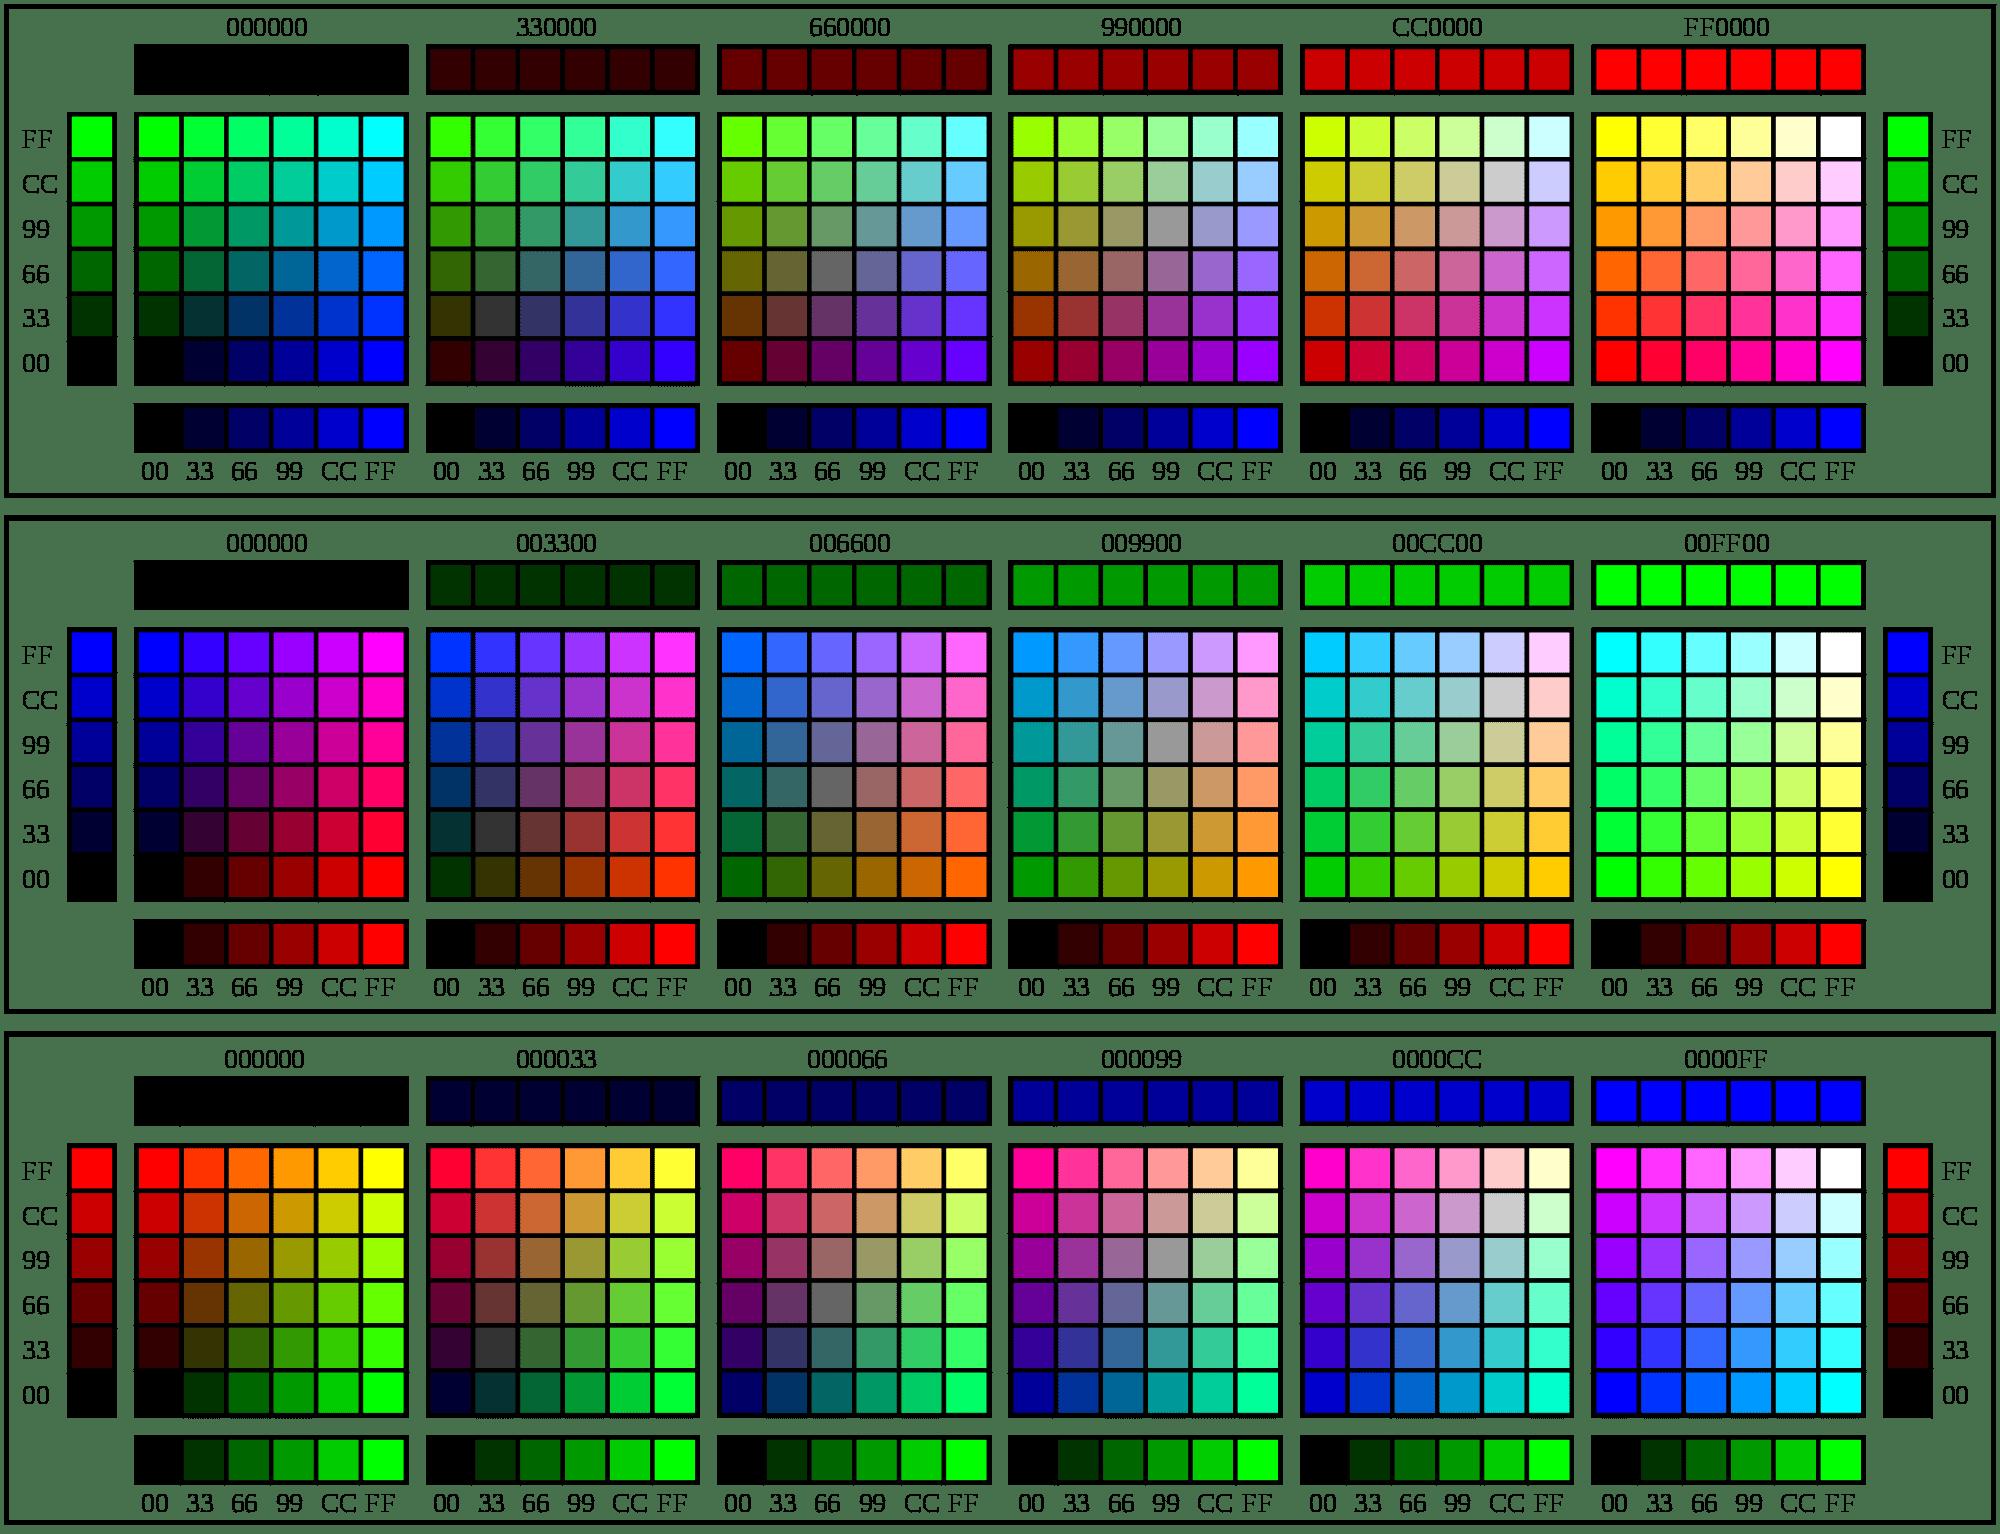 Descubriendo los códigos de colores en HTML | Deusto Formación